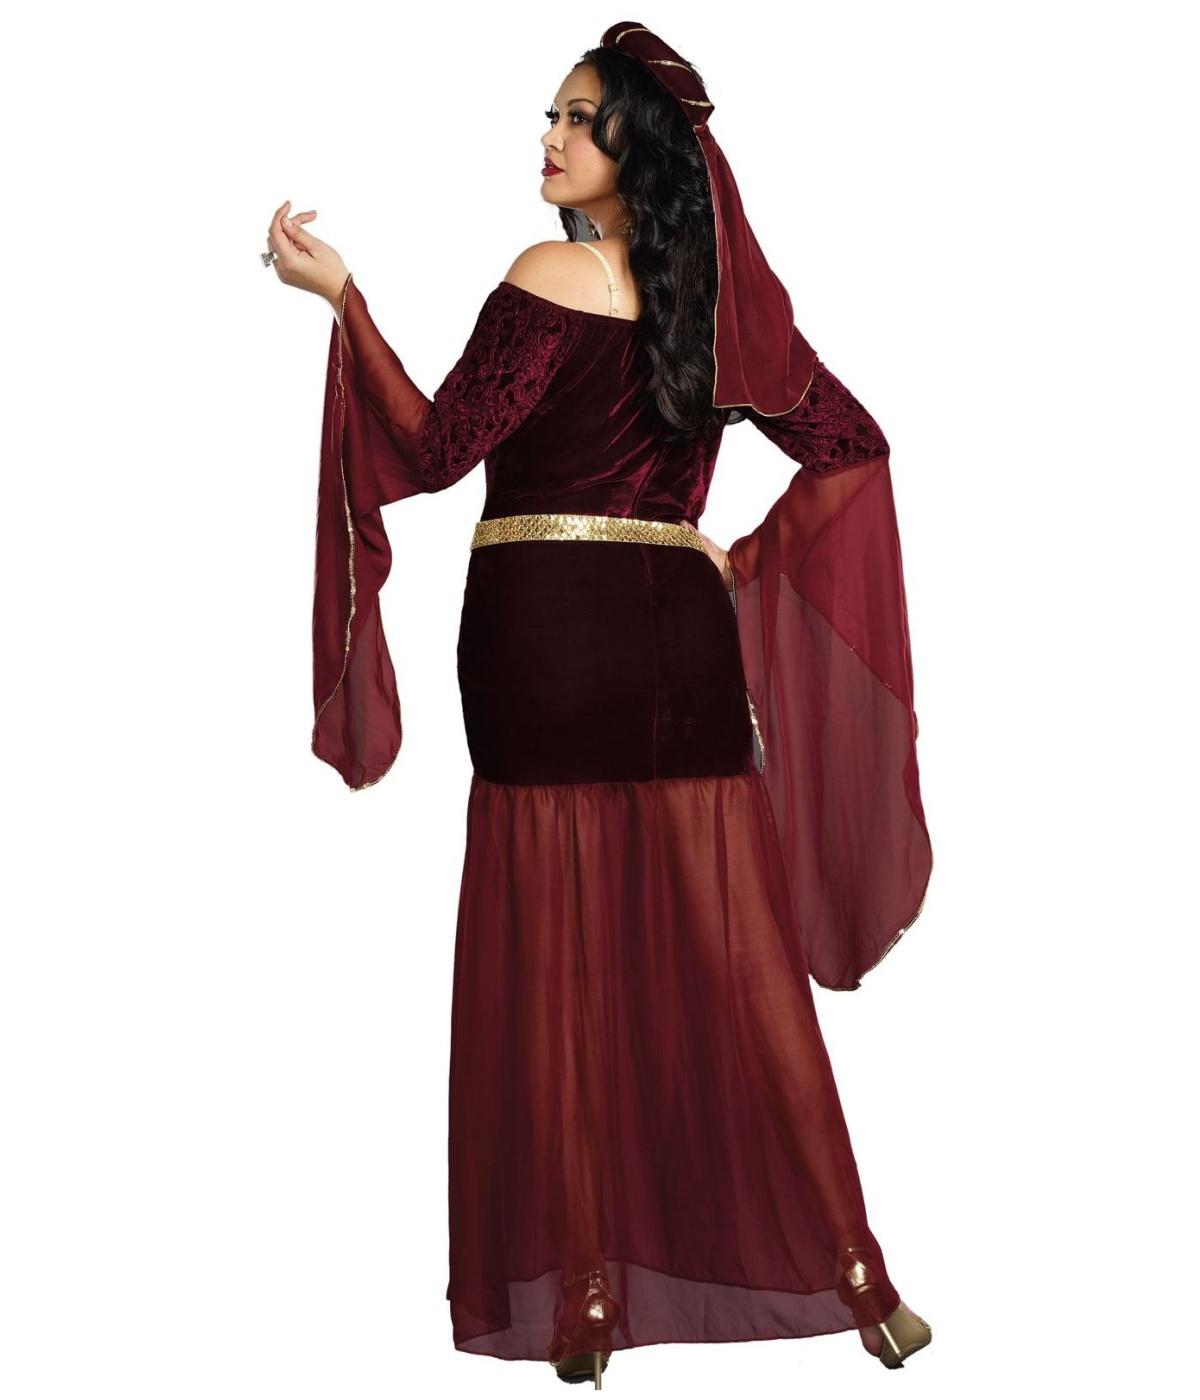 Medieval Dress Plus Size: Medieval Mistress Renaissance Womens Plus Size Costume